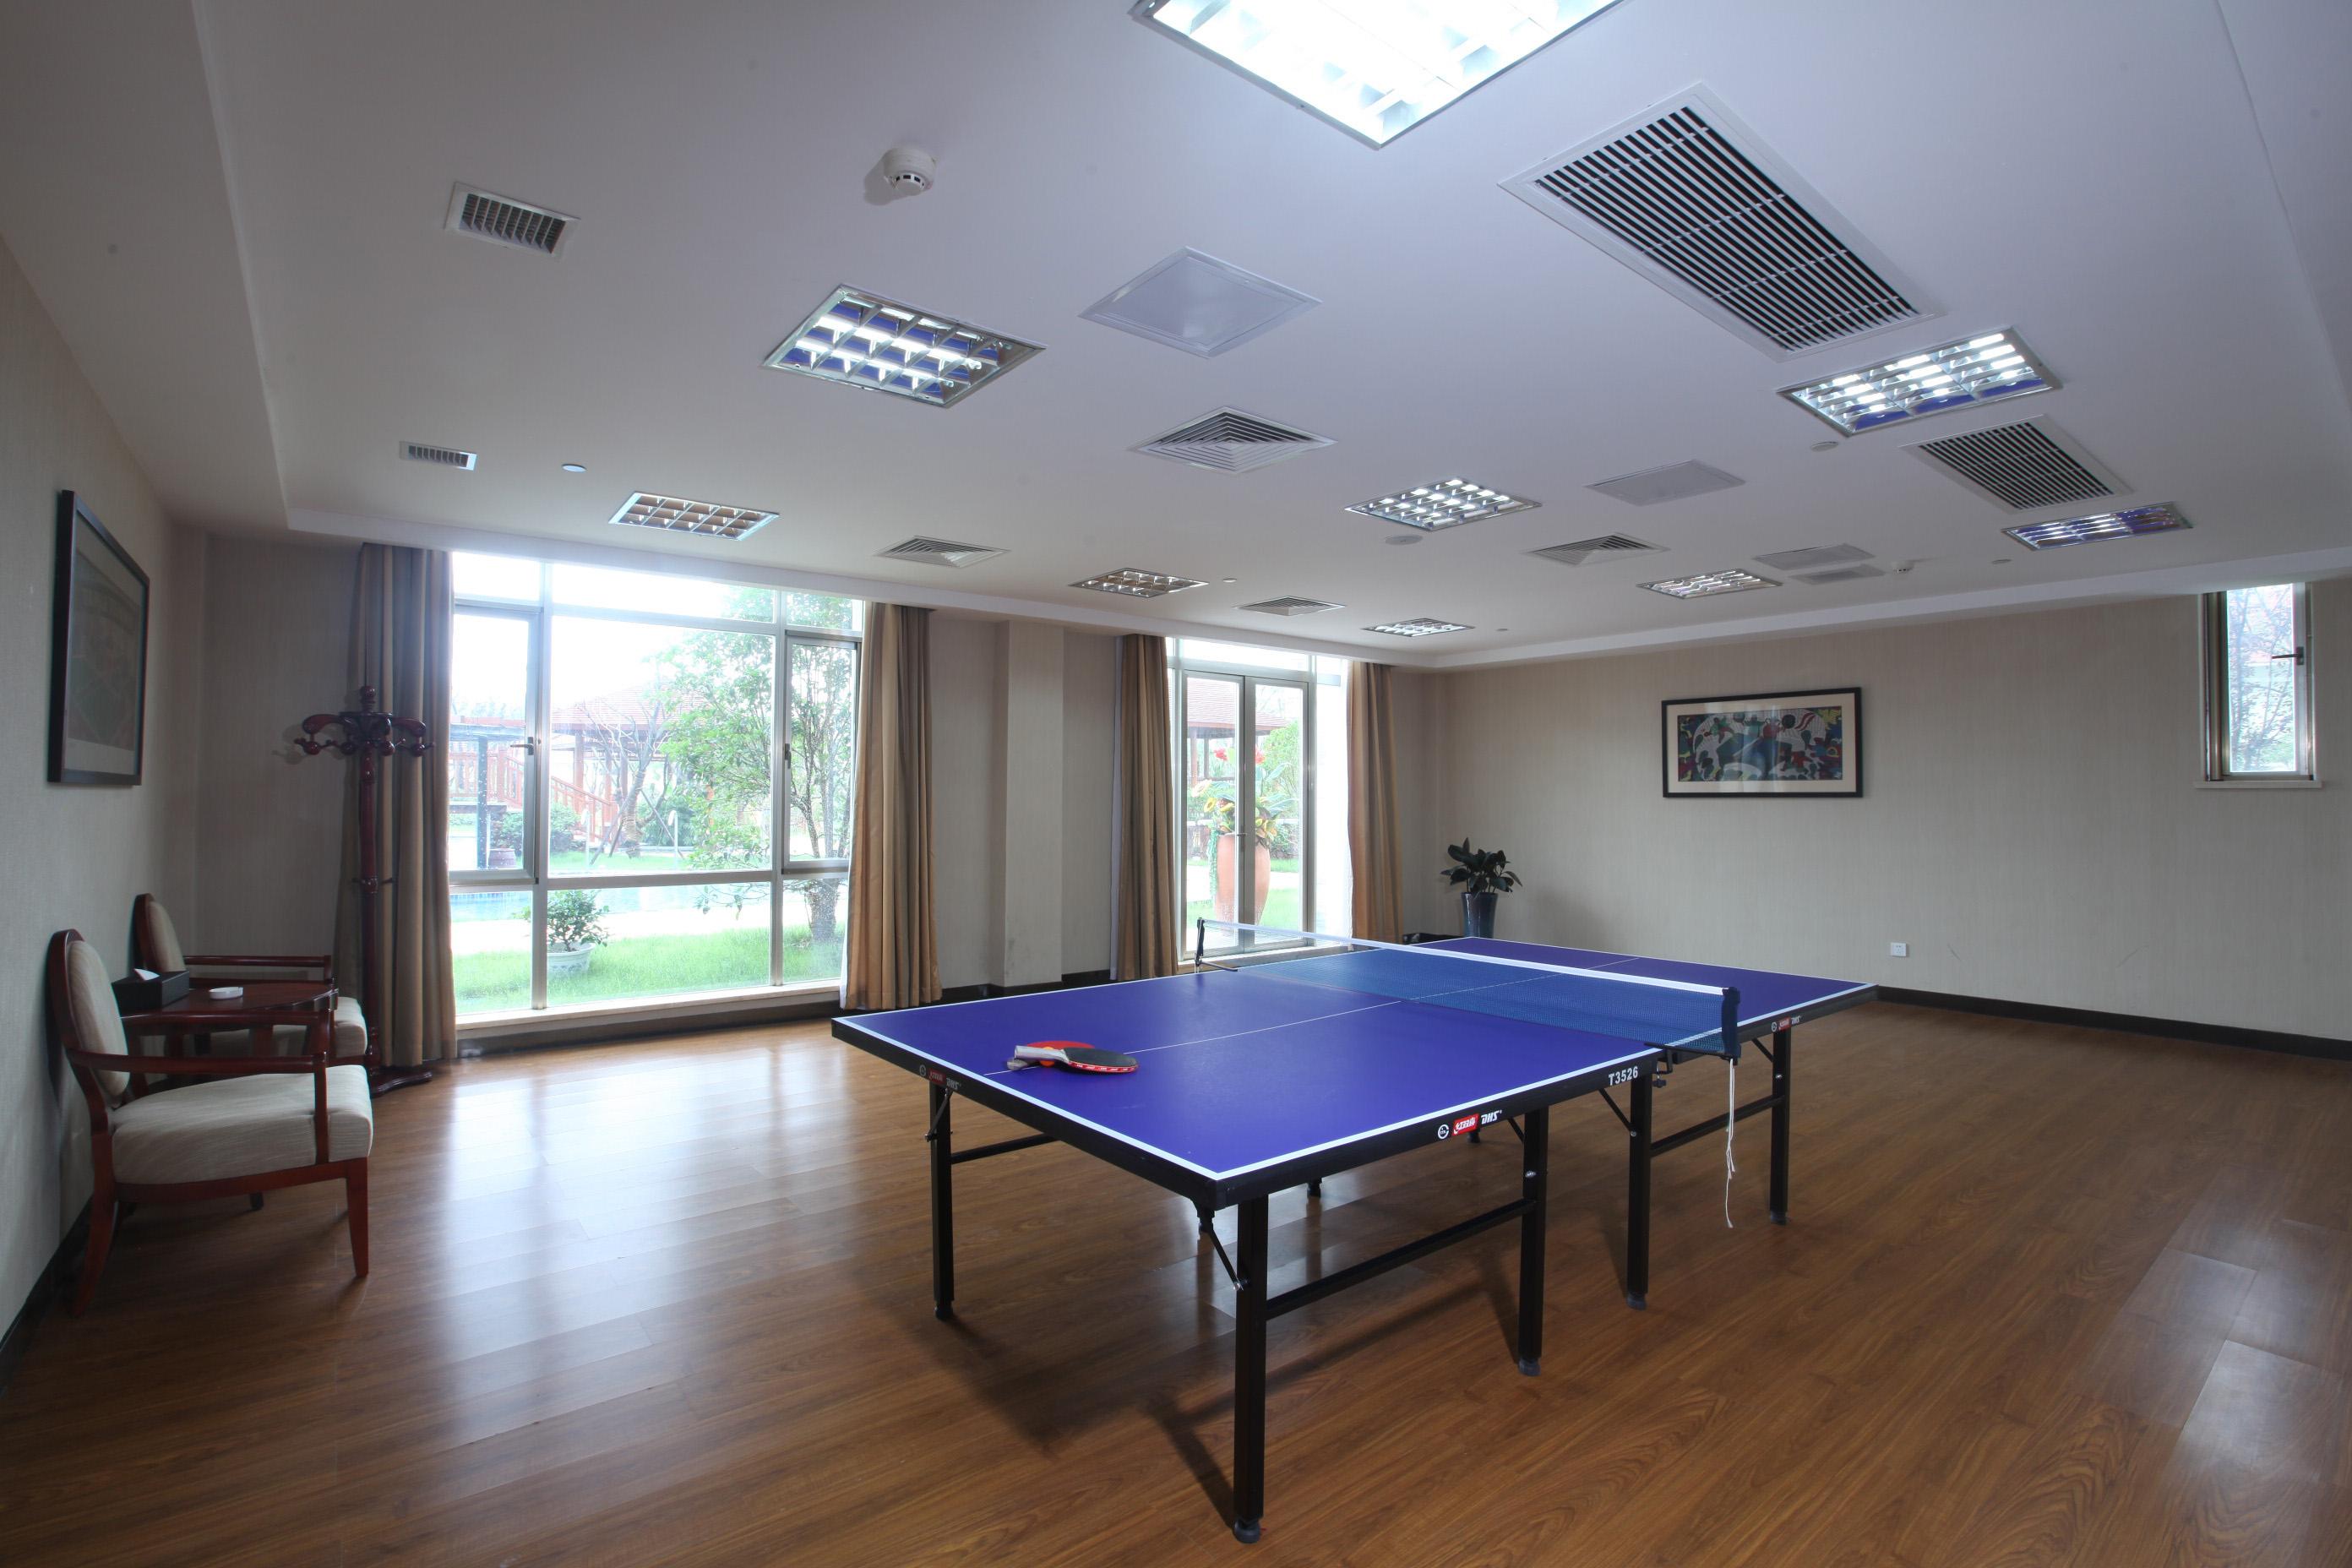 康乐-乒乓球室